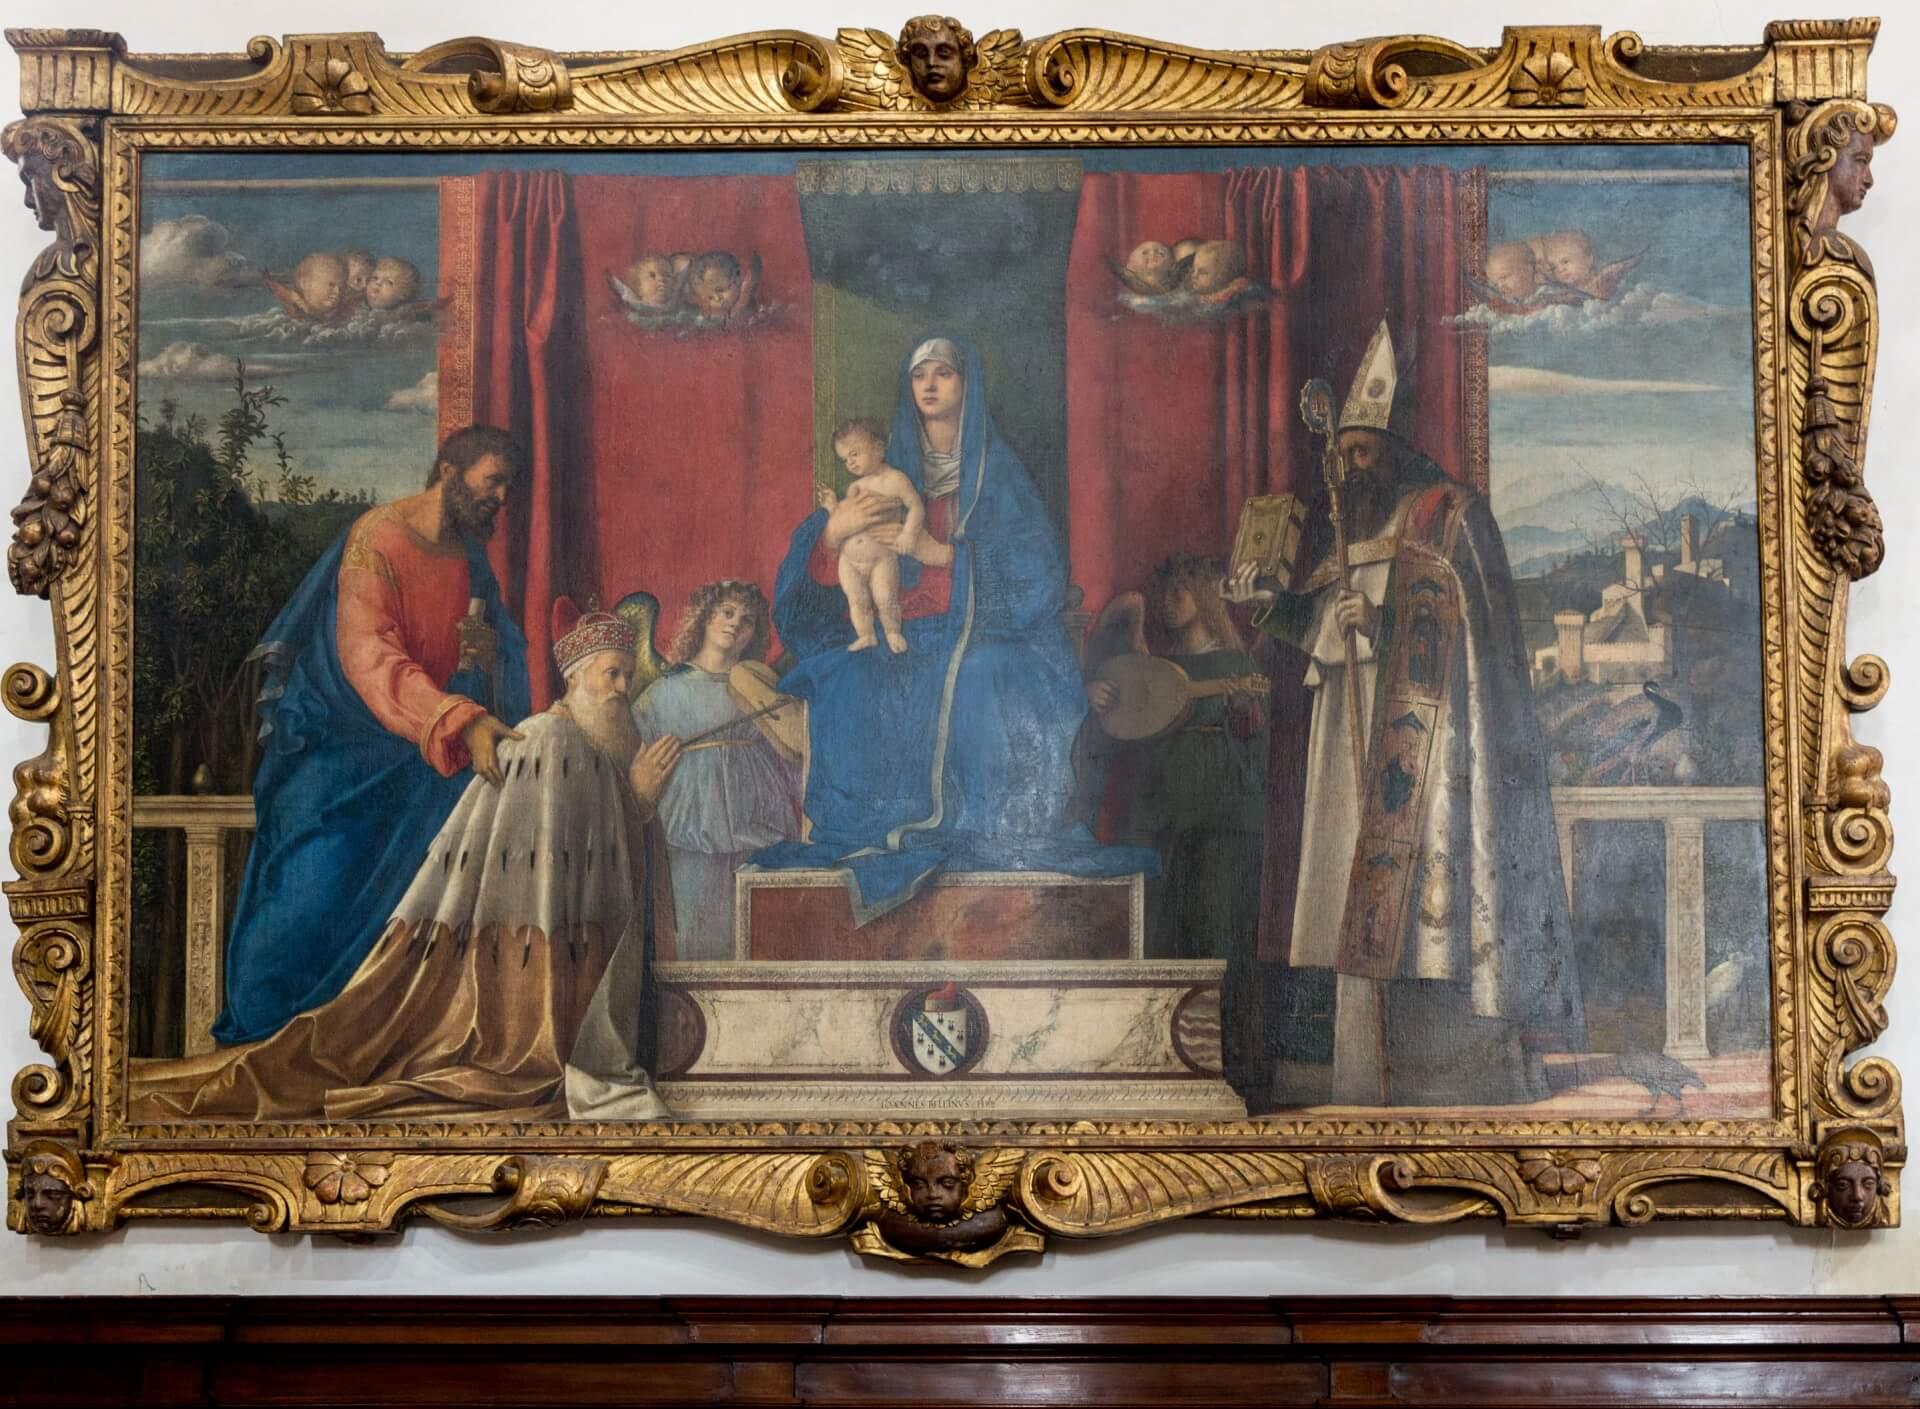 Dir thronende Madonna von Bellini in San Pietro Martire